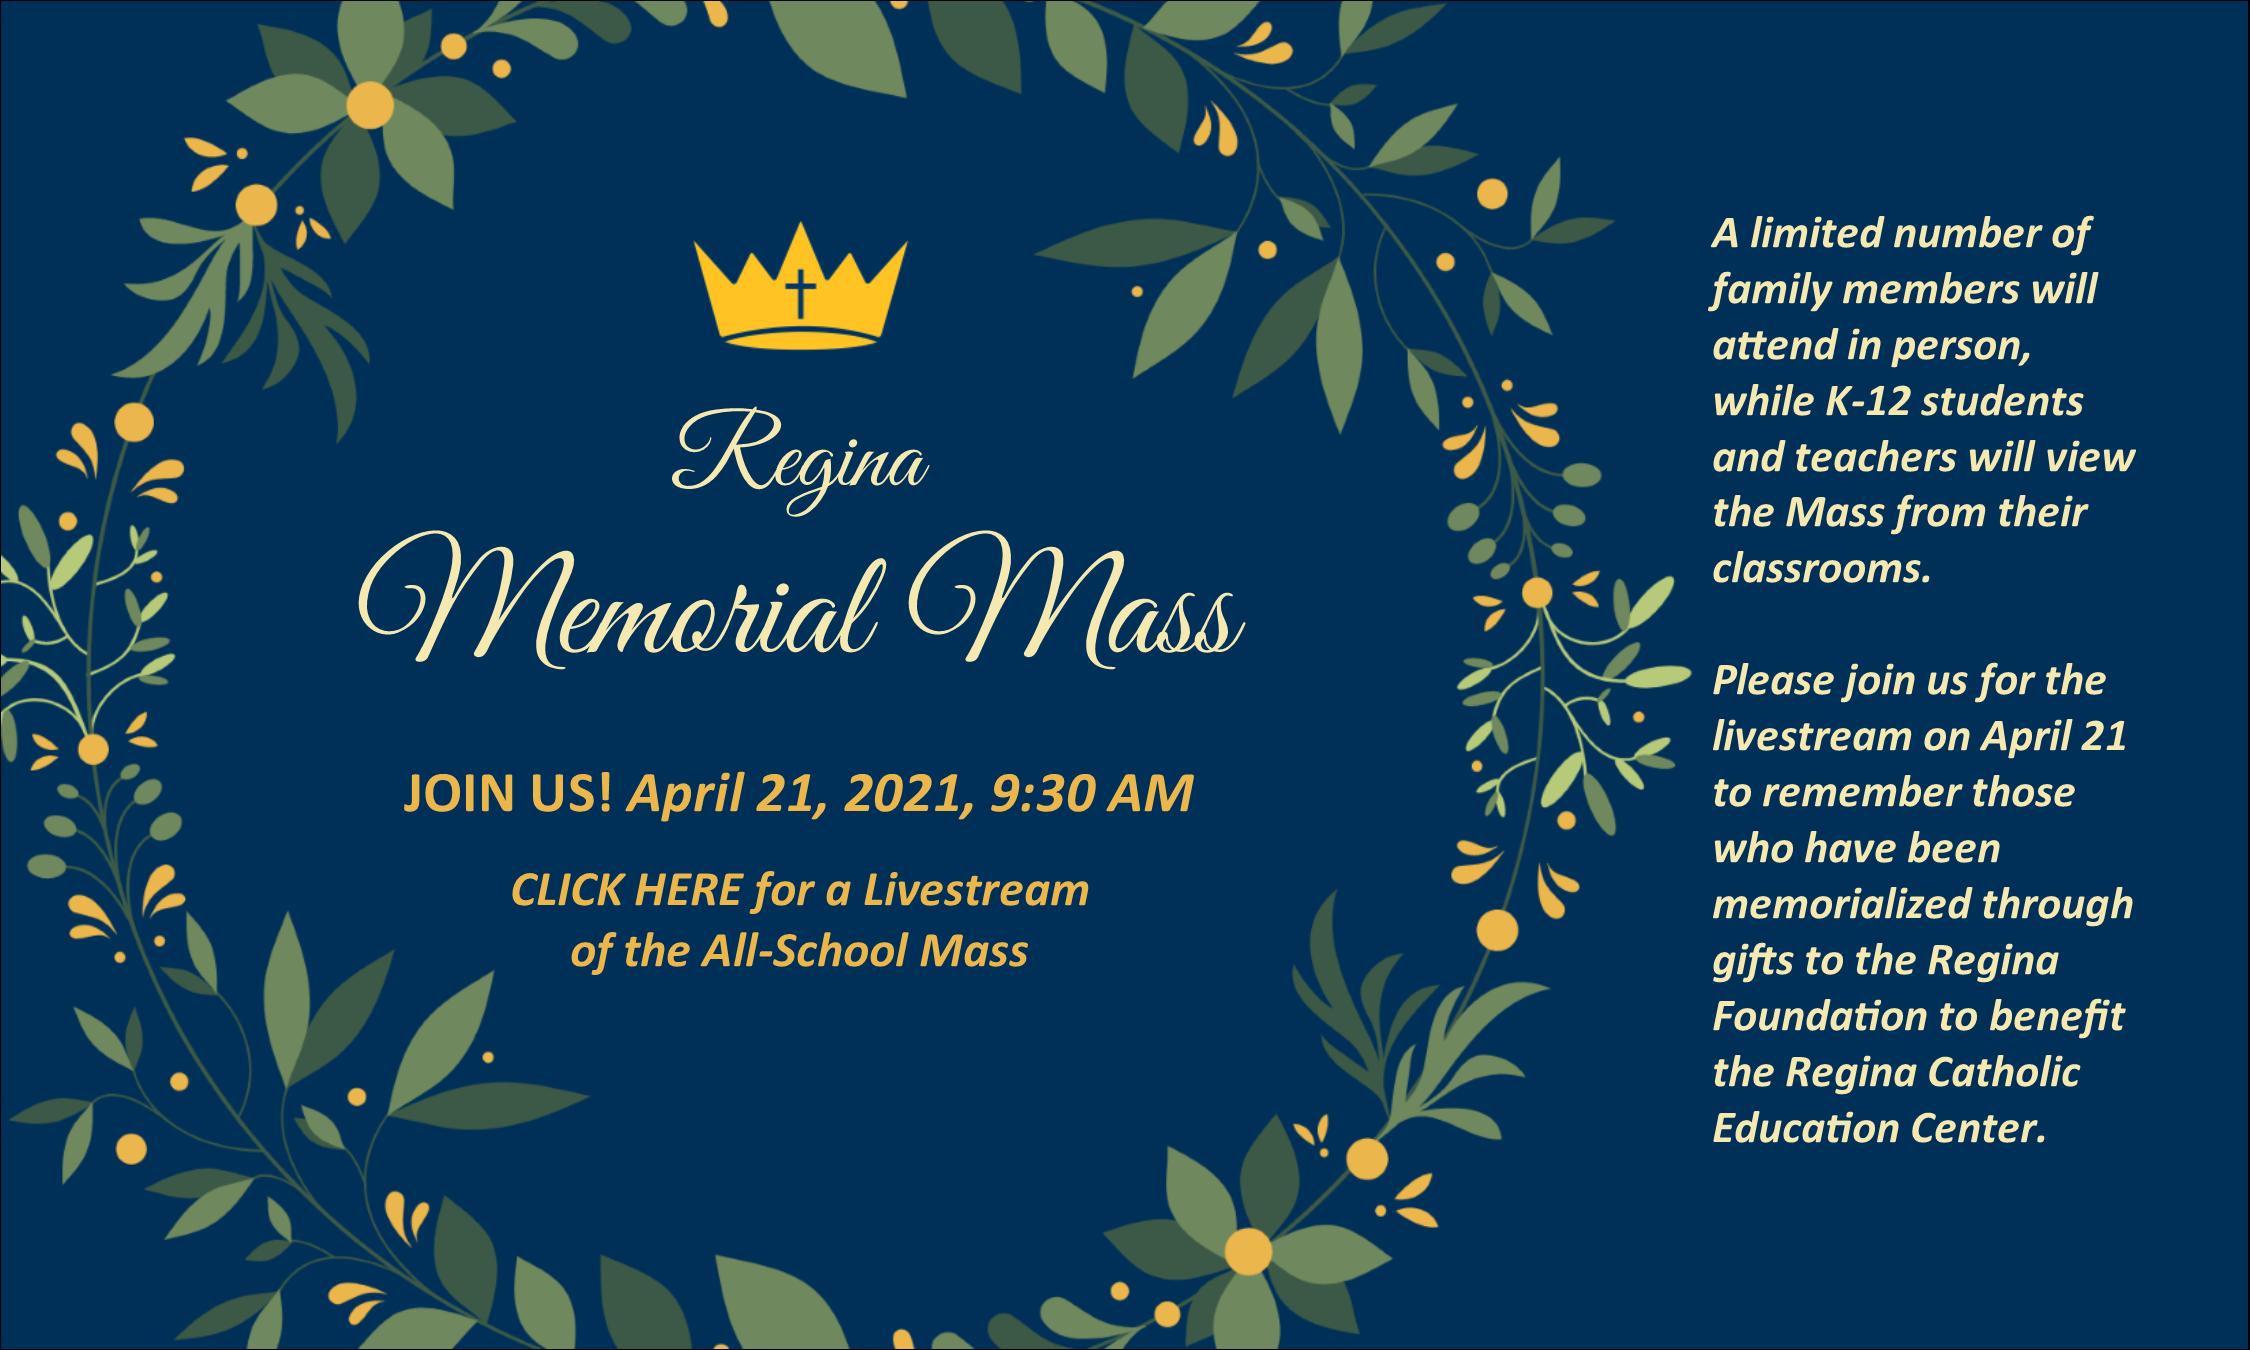 Memorial Mass 2021 slide 5